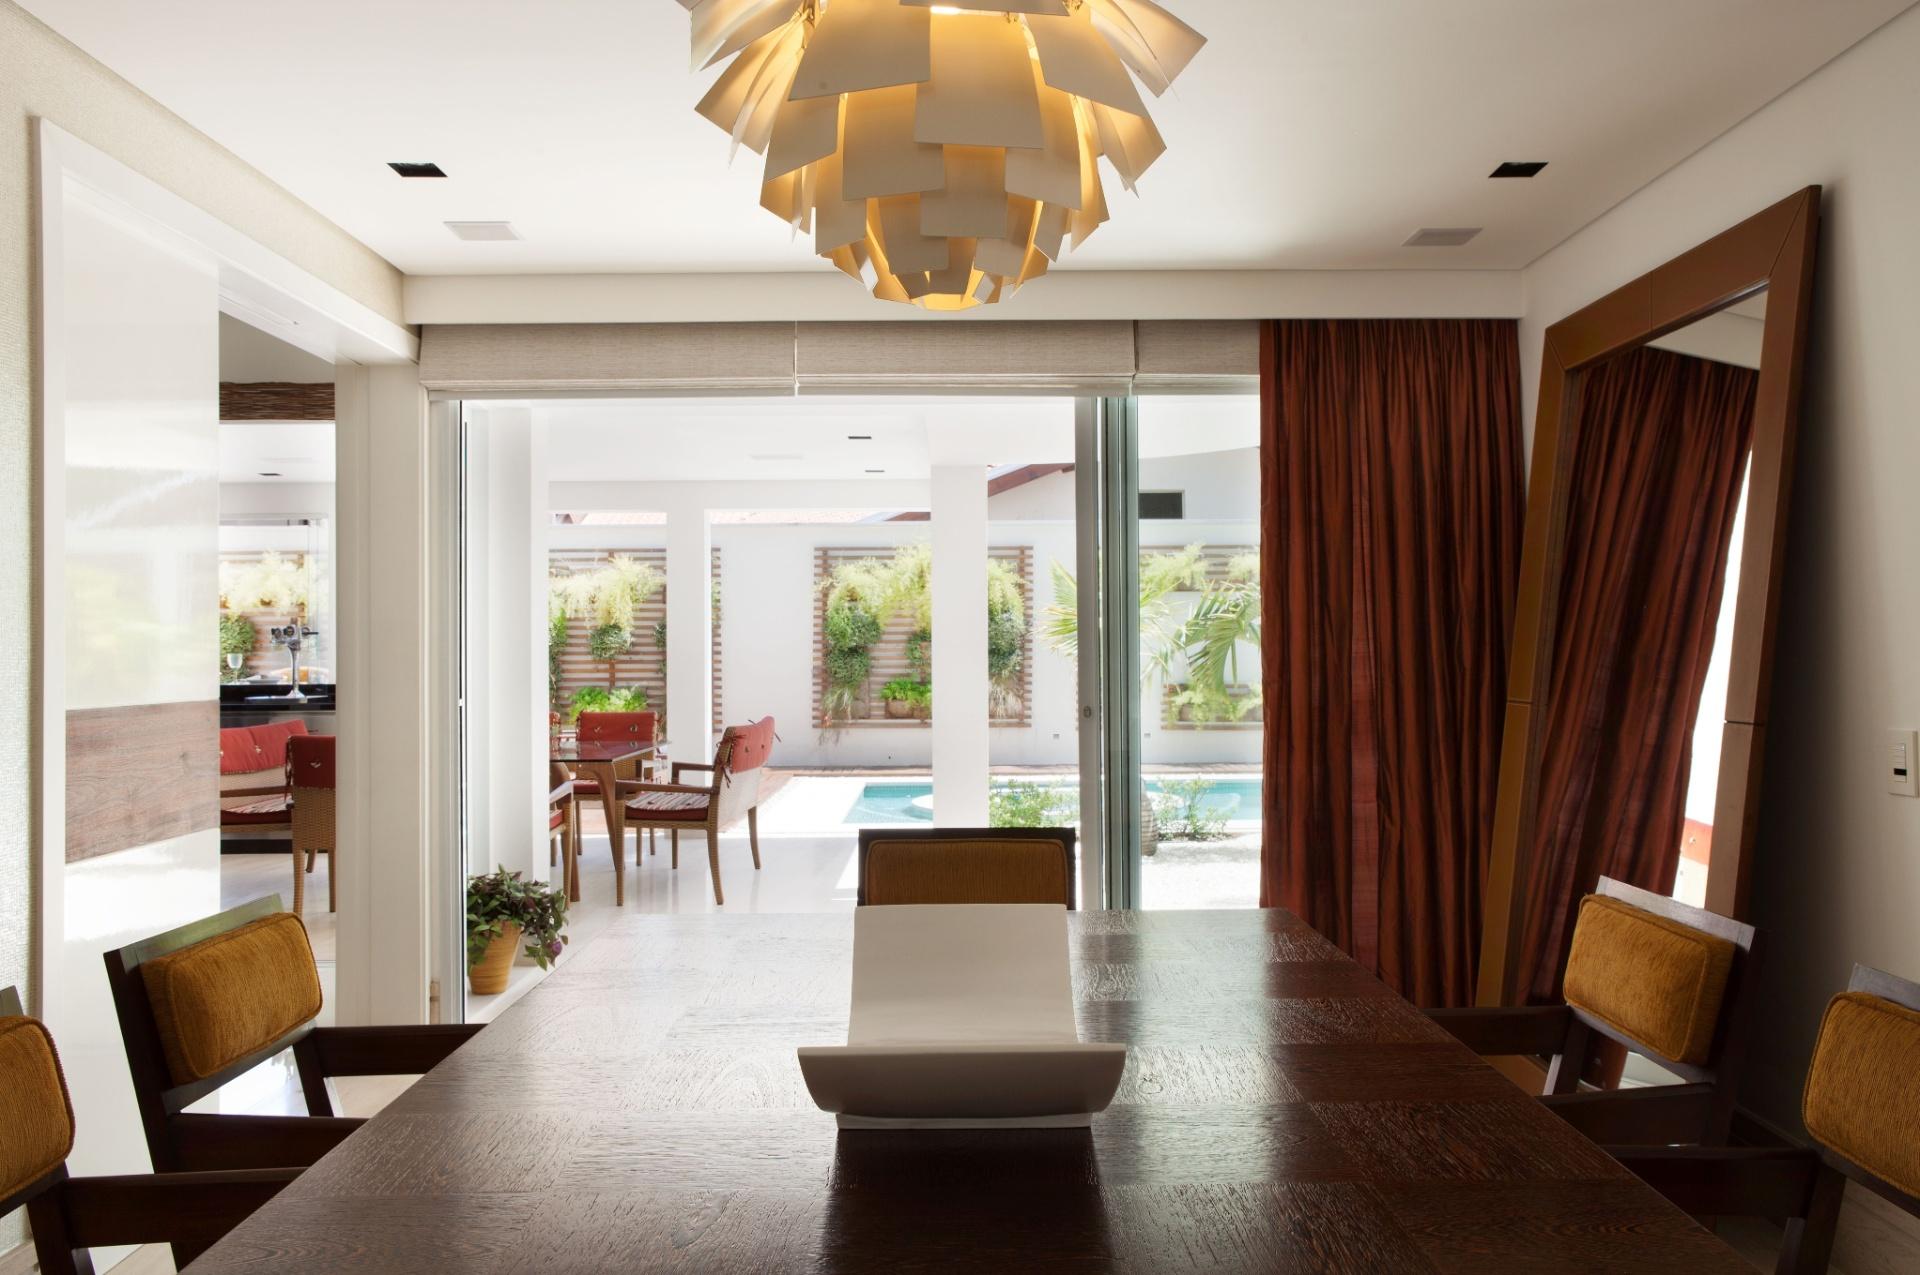 A sala de jantar da casa em Barueri (SP), decorada por Giseli Koraicho, tem mesa e cadeiras da Interni, em madeira, e lustre da Lustreco. O ambiente é interligado à varanda por uma grande porta de vidro